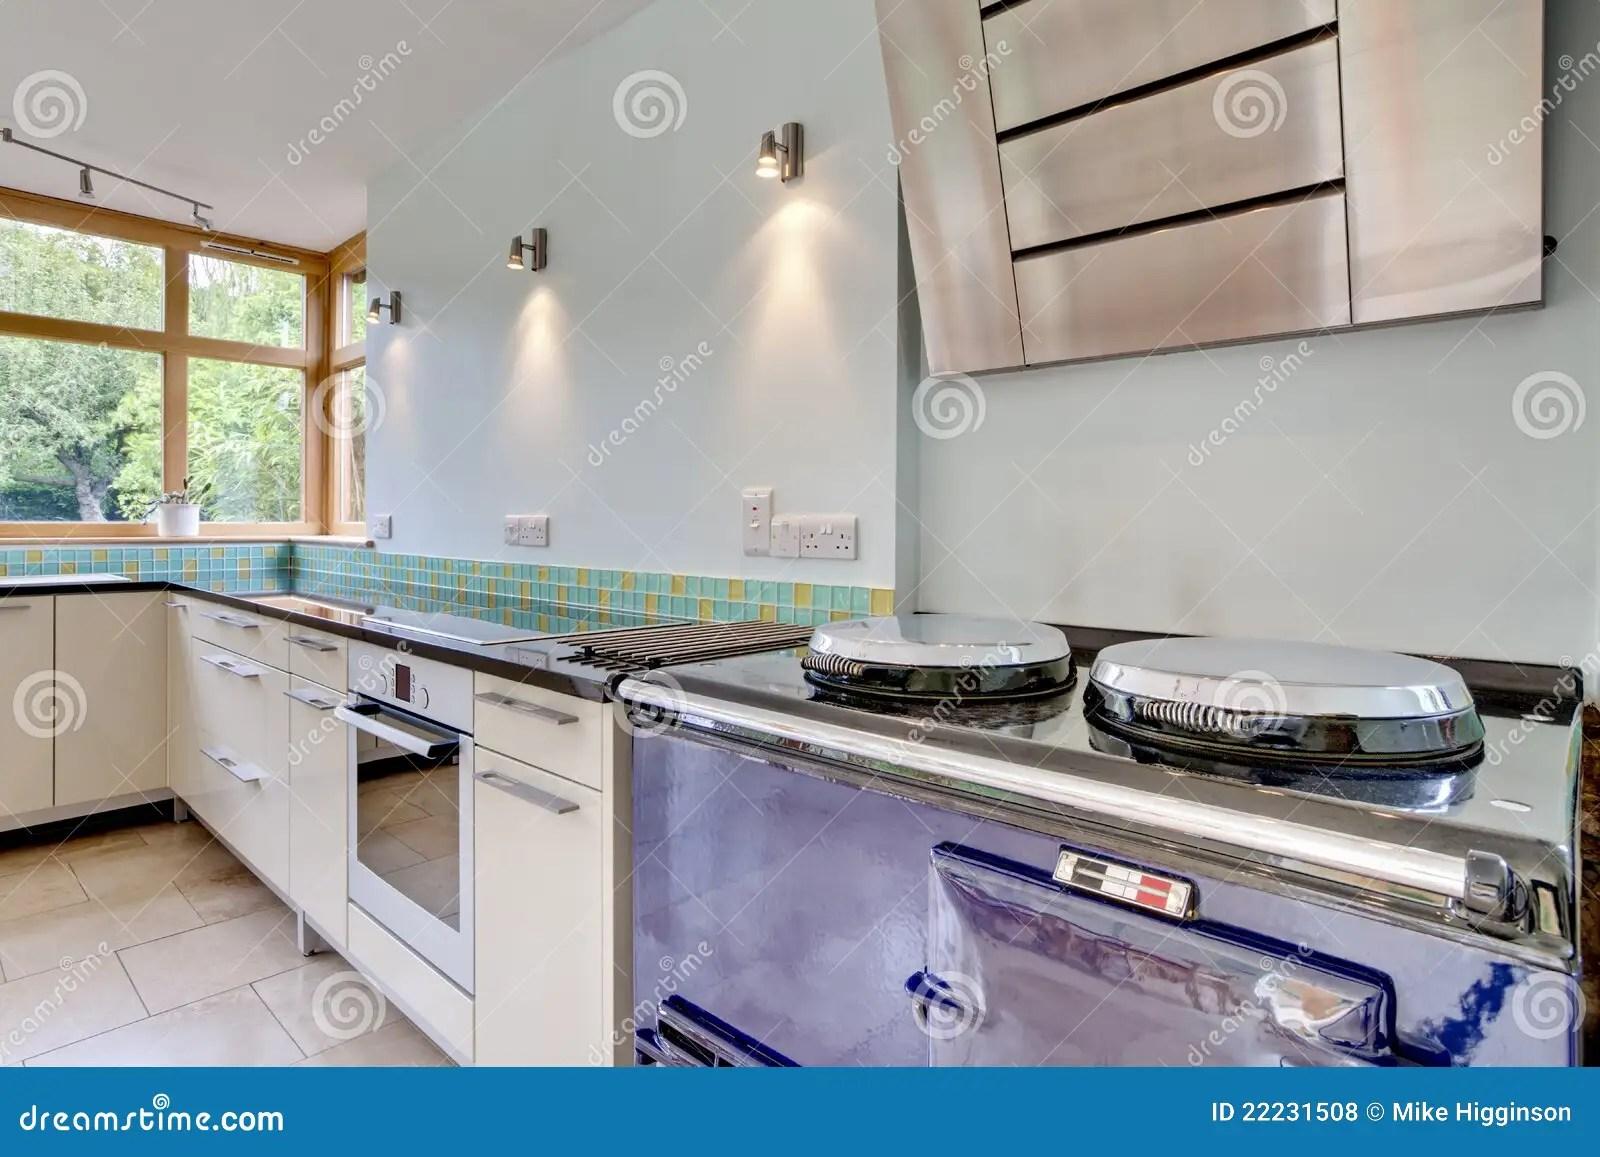 in stock kitchens kitchen cutting boards 传统厨房现代的烤箱库存照片 图片包括有视窗 拱道 没人 现代 碗柜 两的工具当代详细资料适合了厨房现代传统